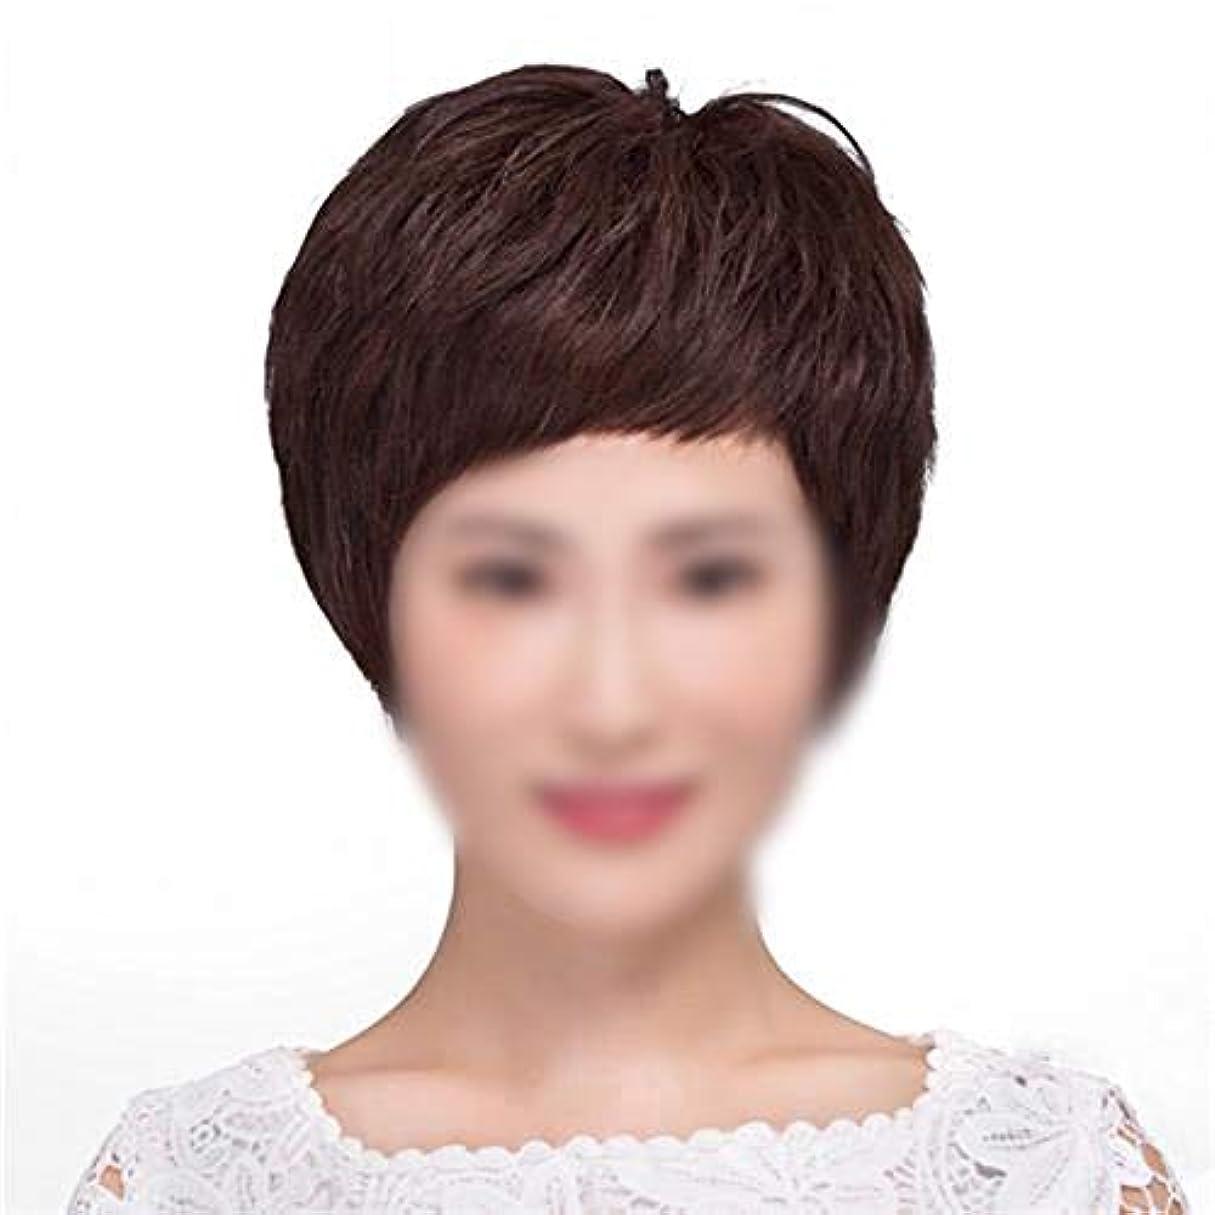 抗議ボートはちみつYOUQIU 女性のパーティードレス毎日ウィッグ用ハンドニードルレアル髪ショートストレート髪ふわふわナチュラルウィッグ (色 : Natural black)